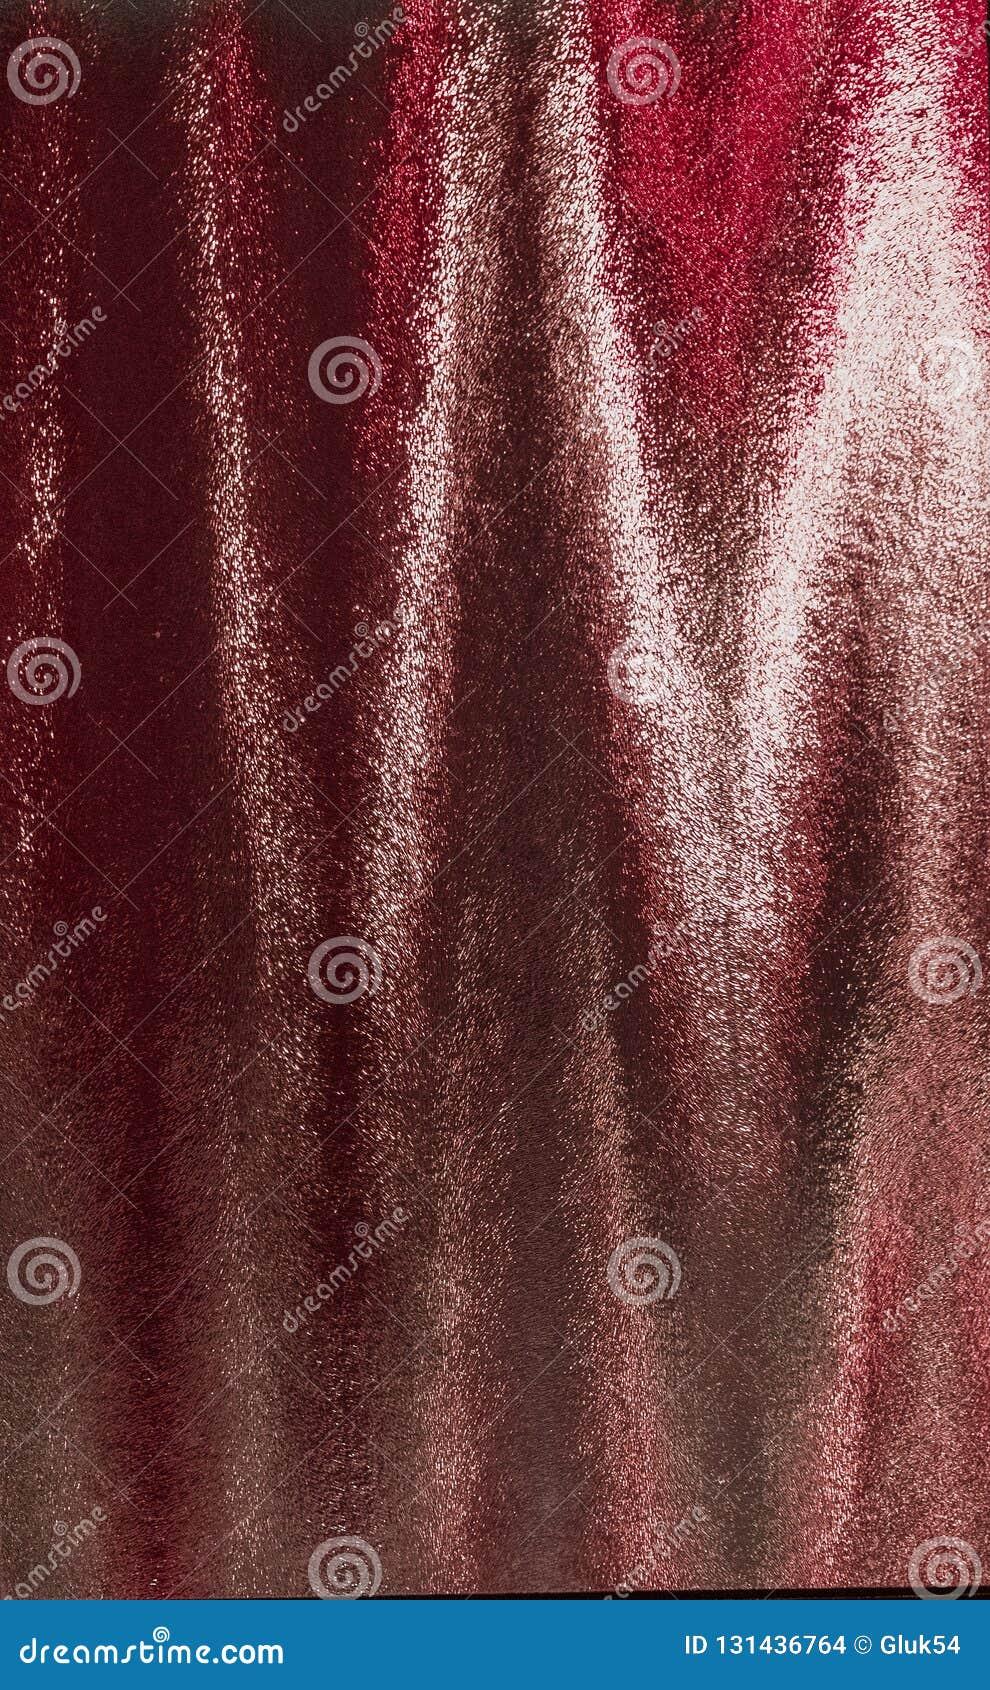 Hintergrund schuf auf der Grundlage von ein halb-transparentes Glas mit einer dargestellten Oberfläche